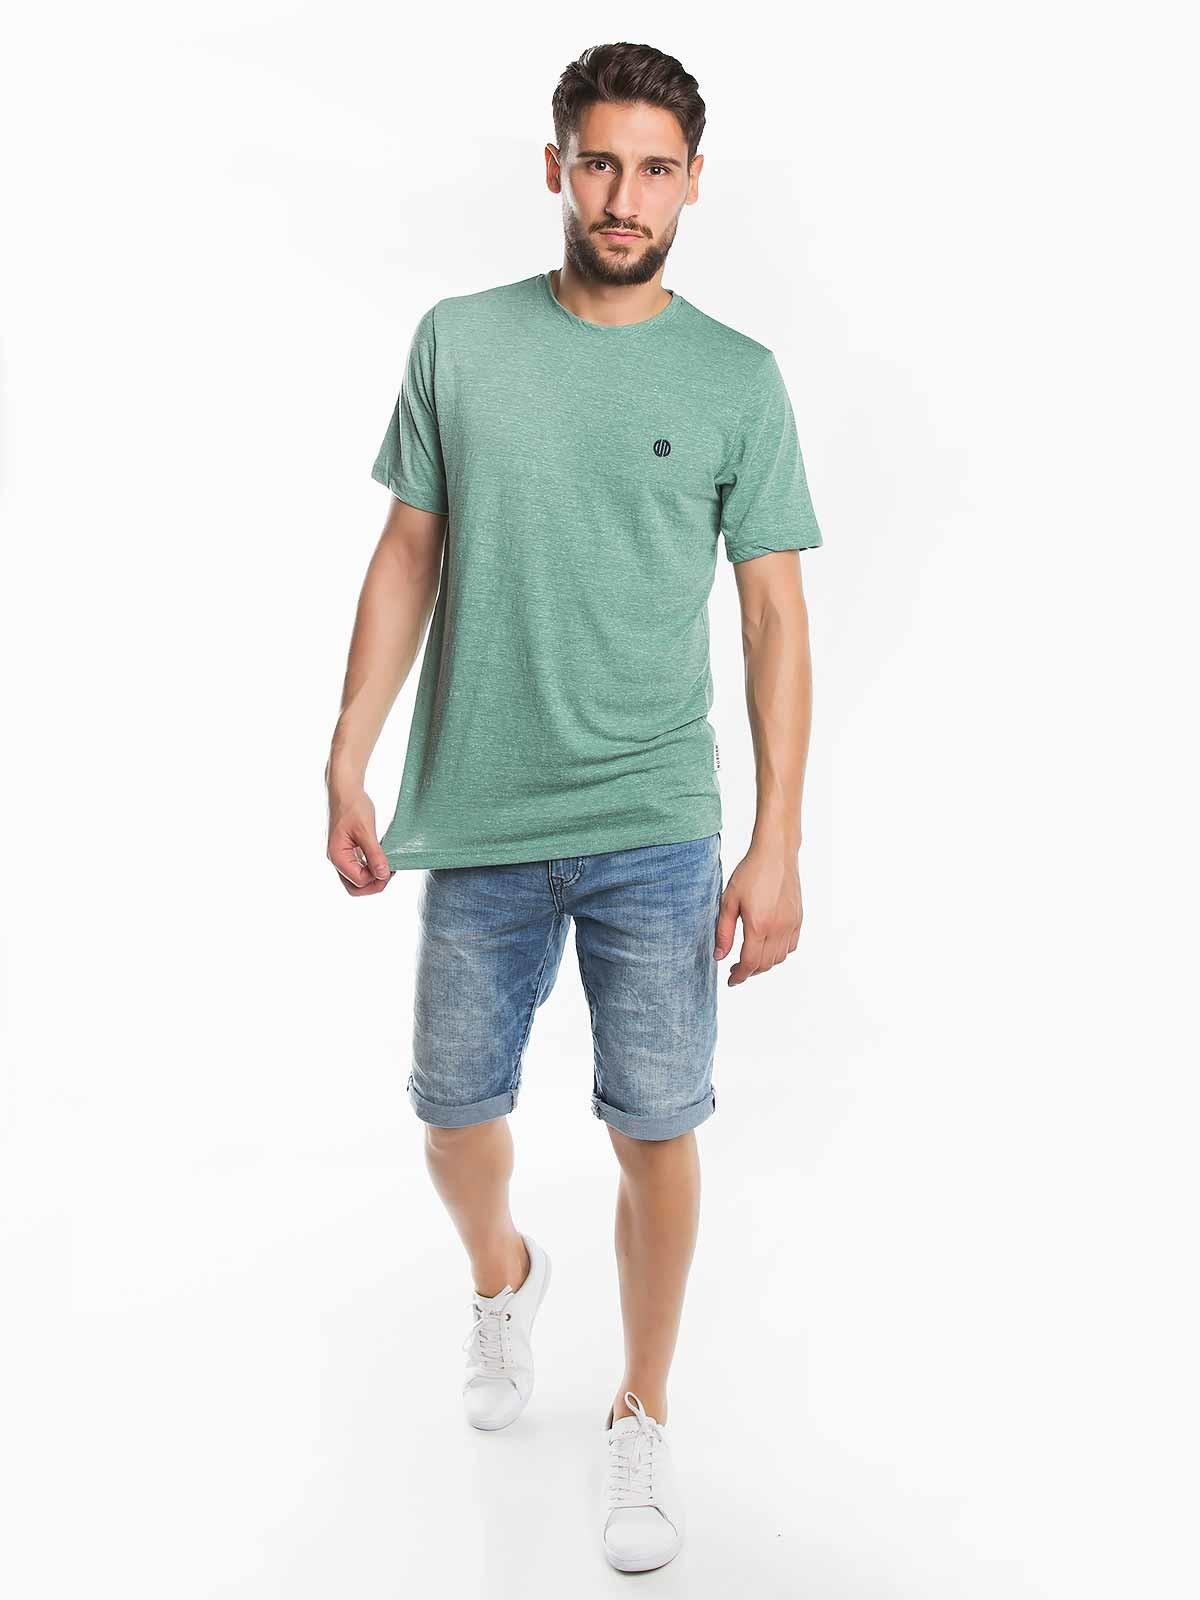 T-shirt de homem mesclada